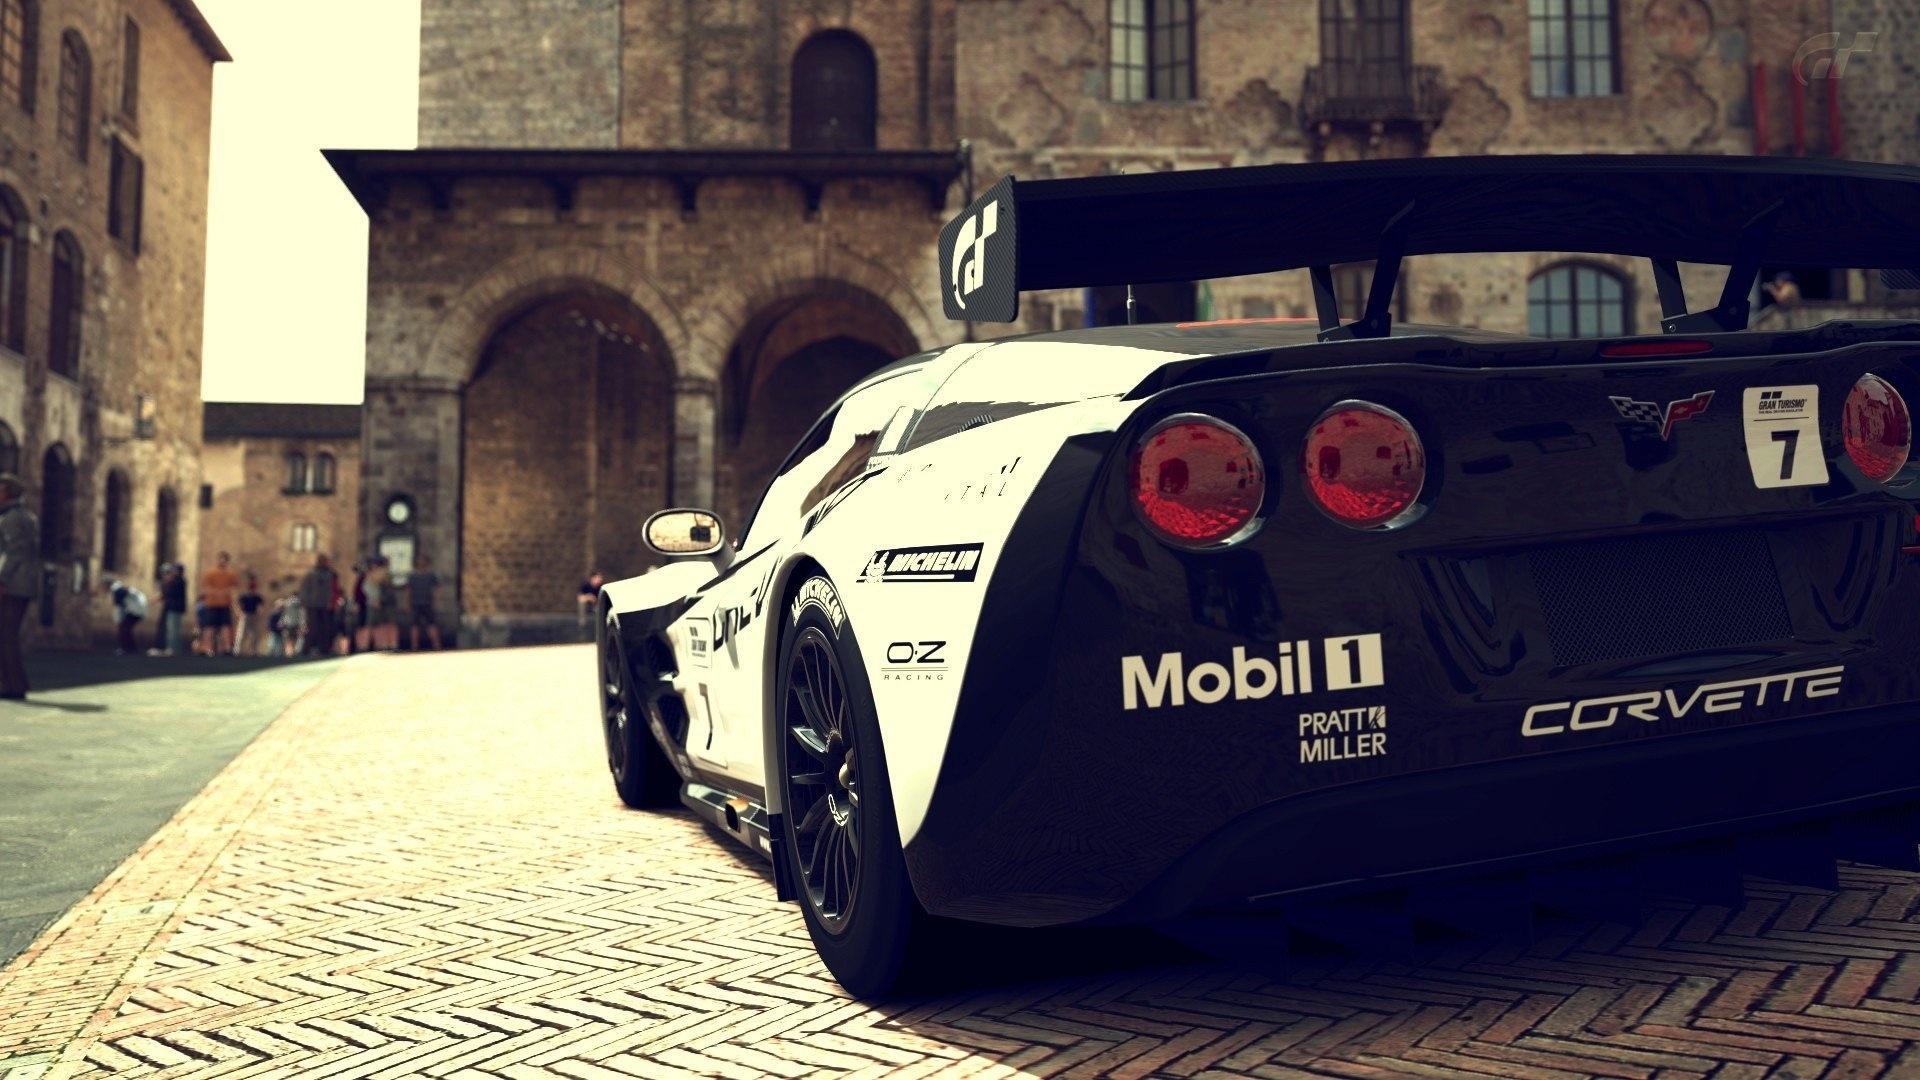 Corvette background picture